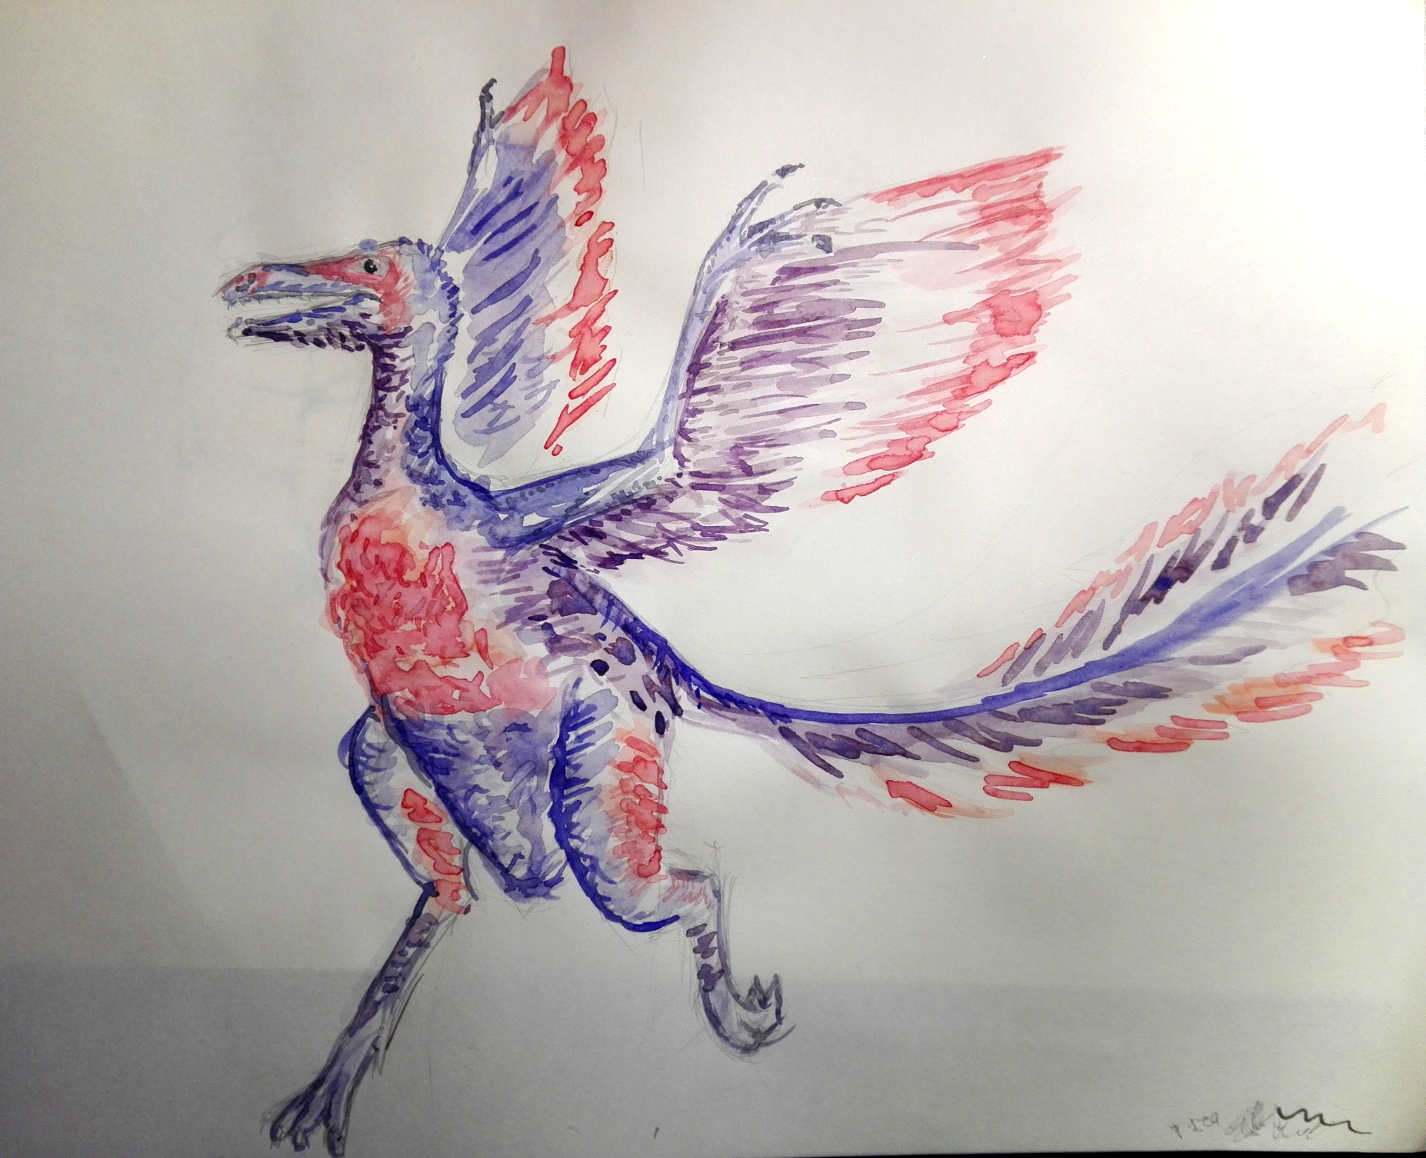 """Inktober 2: """"Binosaur"""", Aquarellzeichnung eines gefederten Dinosauriers in den Bi-Farben"""